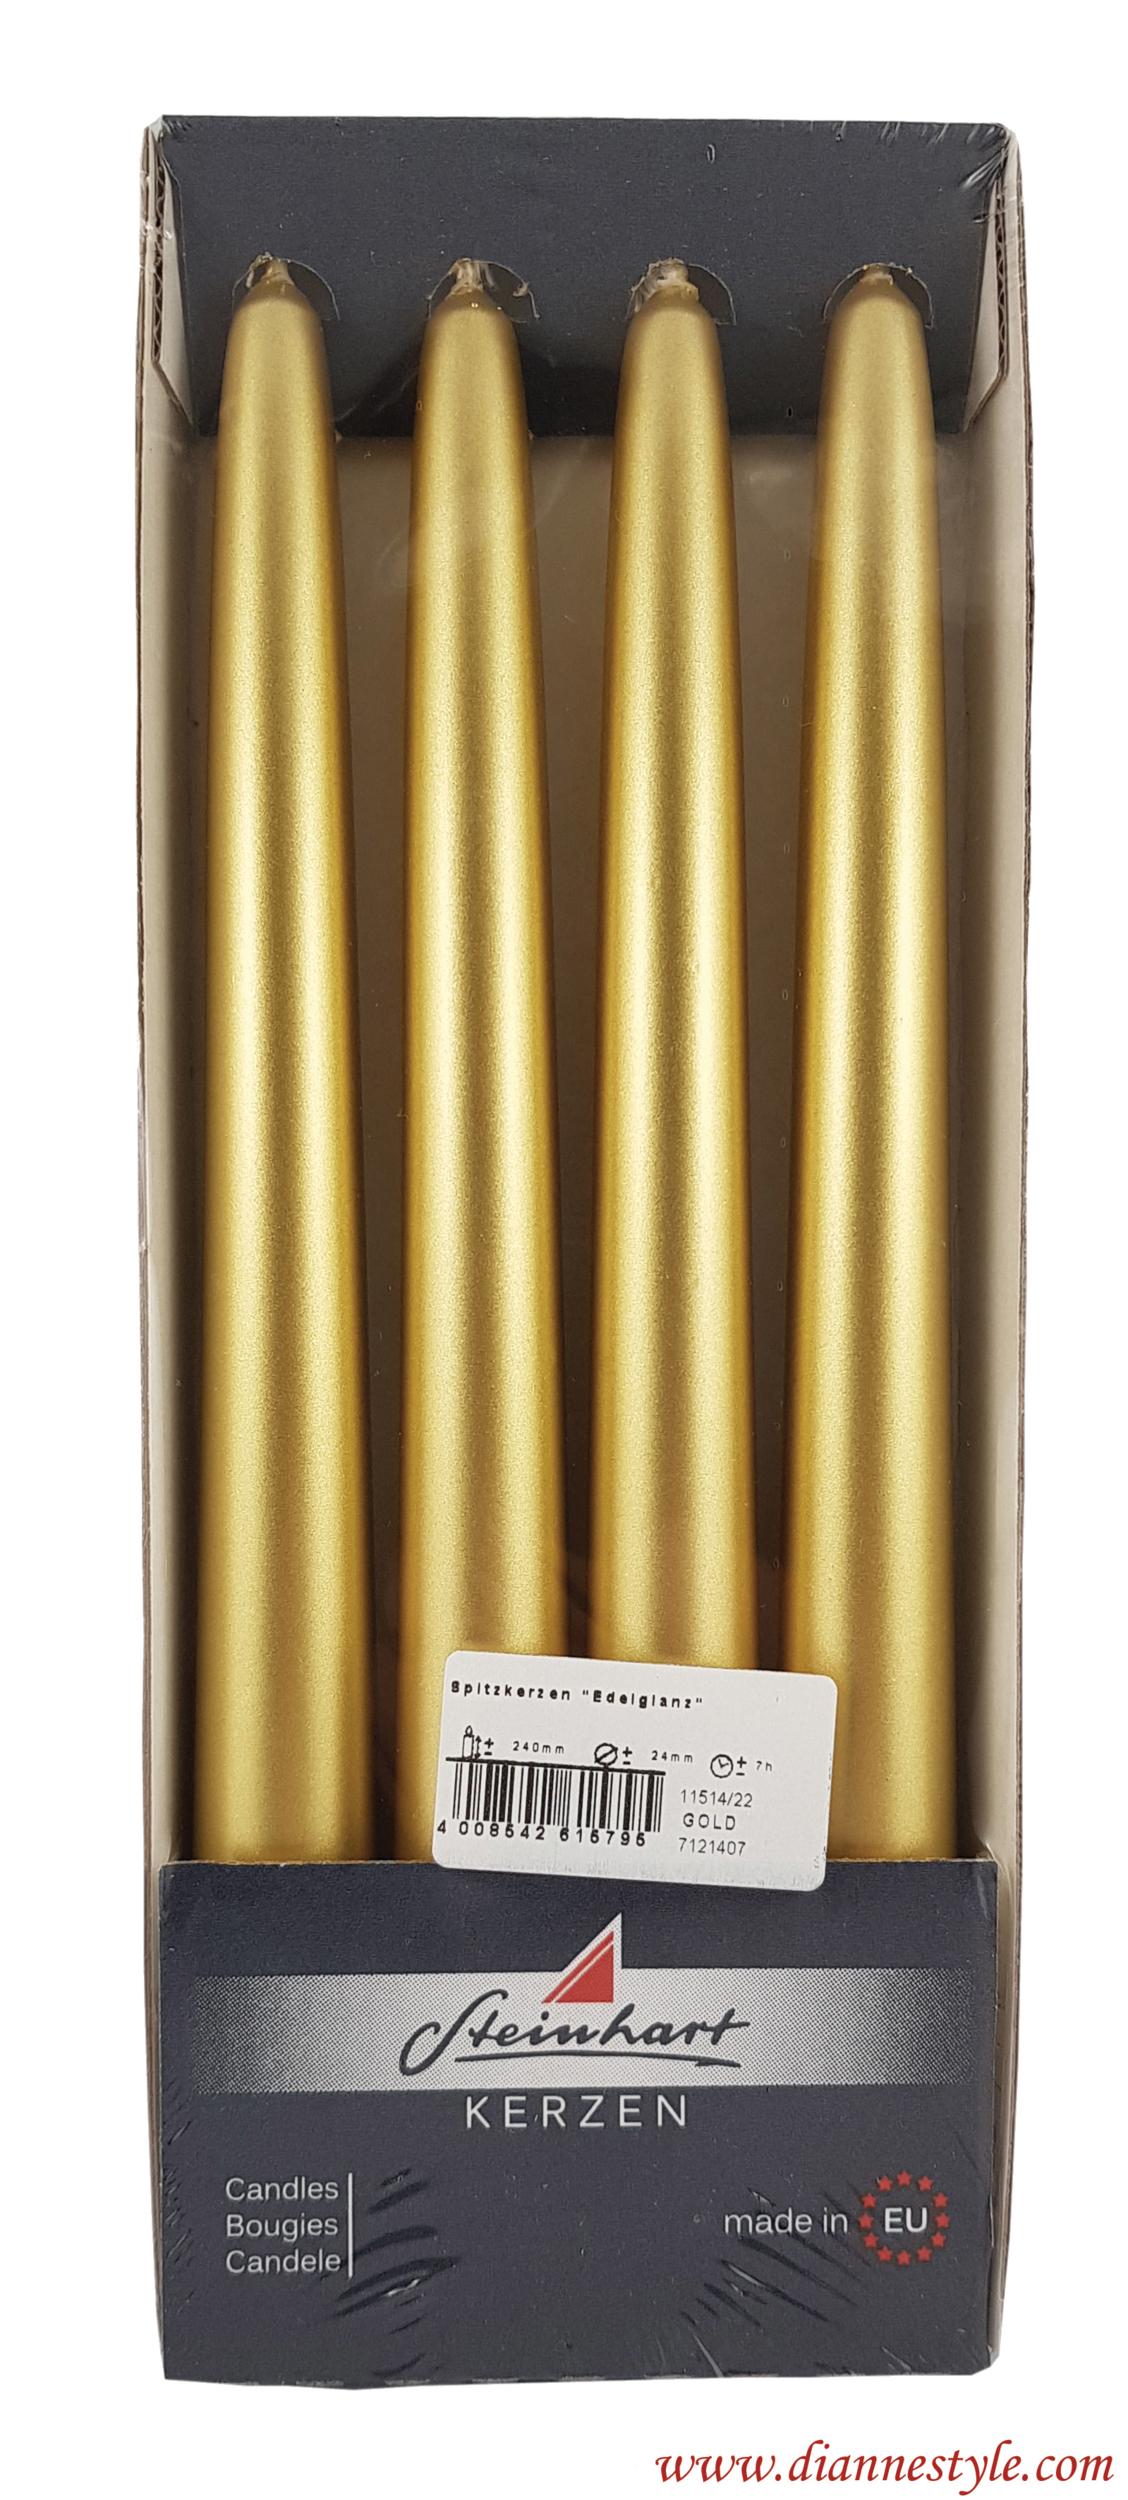 Paquet de 4 bougies coloris or métallisé. Réf. 180